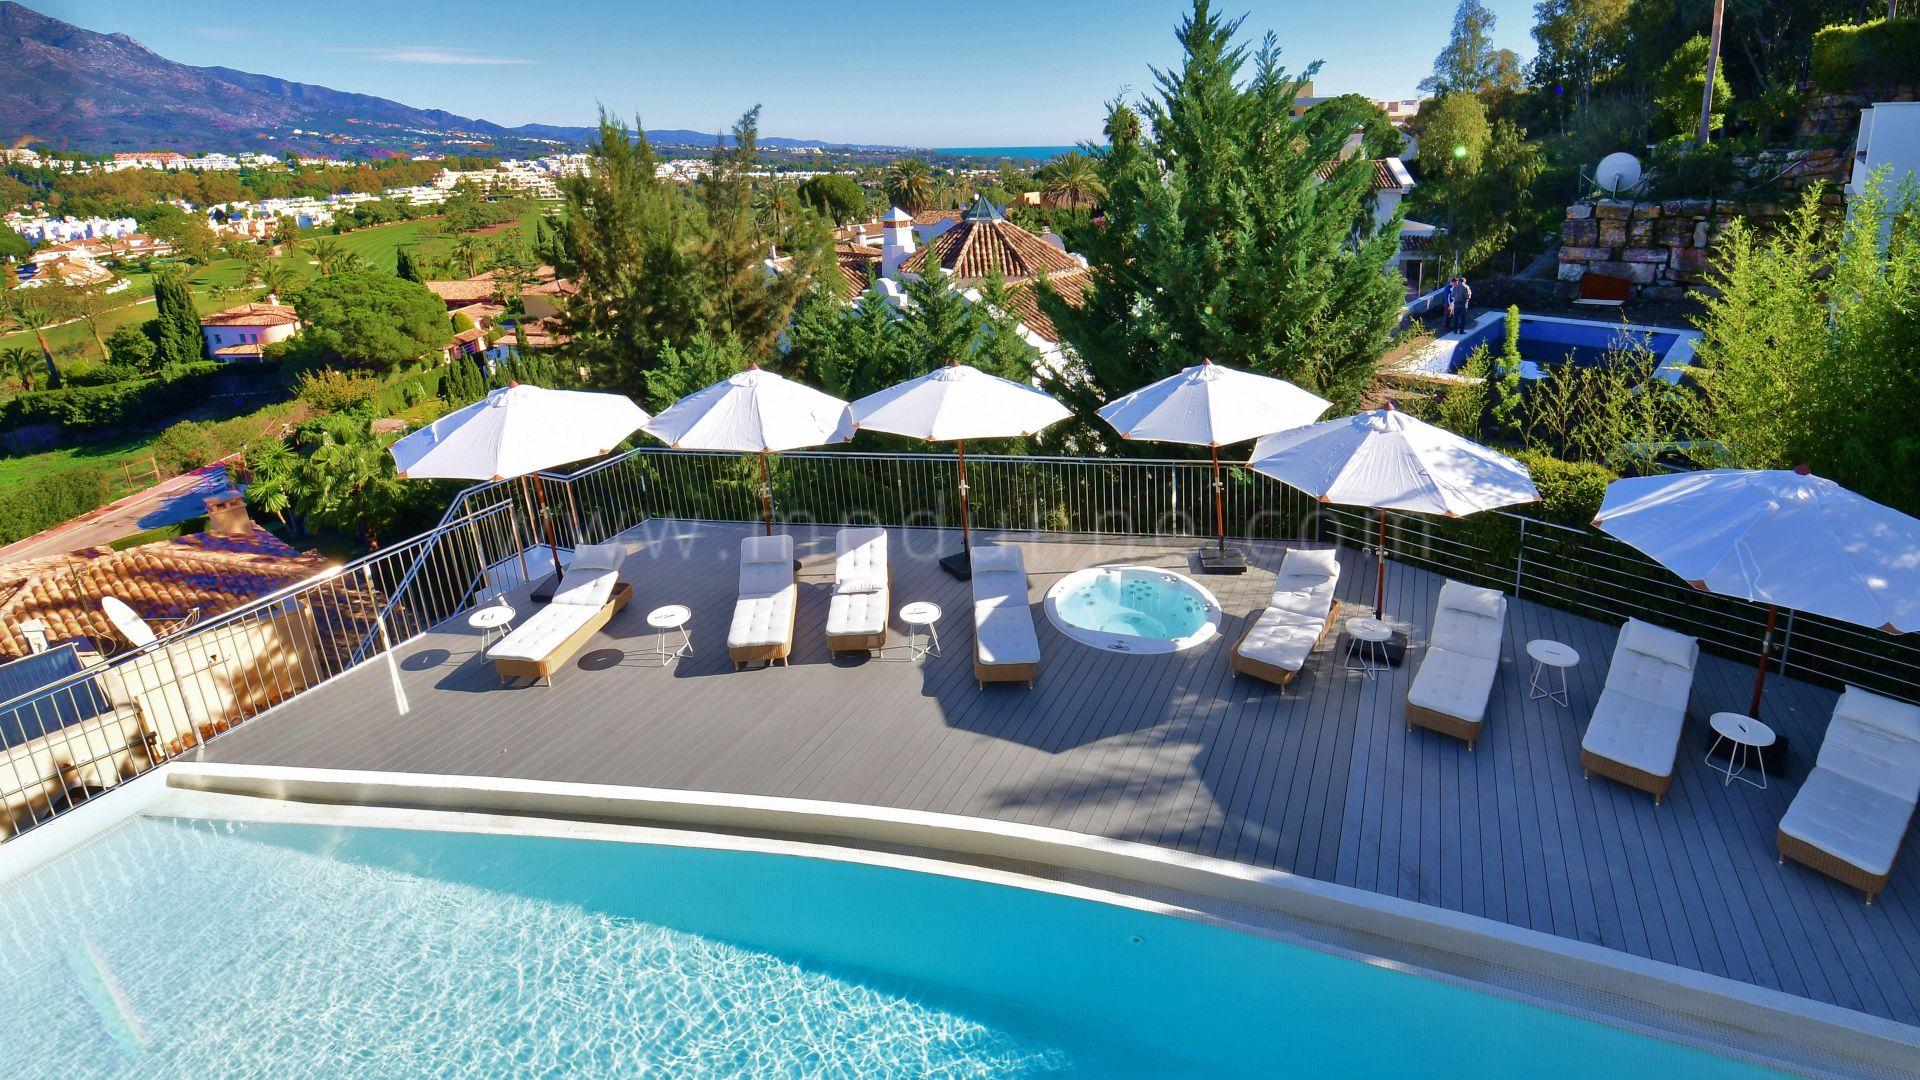 Los naranjos nueva andaluc a impresionante villa con 7 - La sala nueva andalucia ...